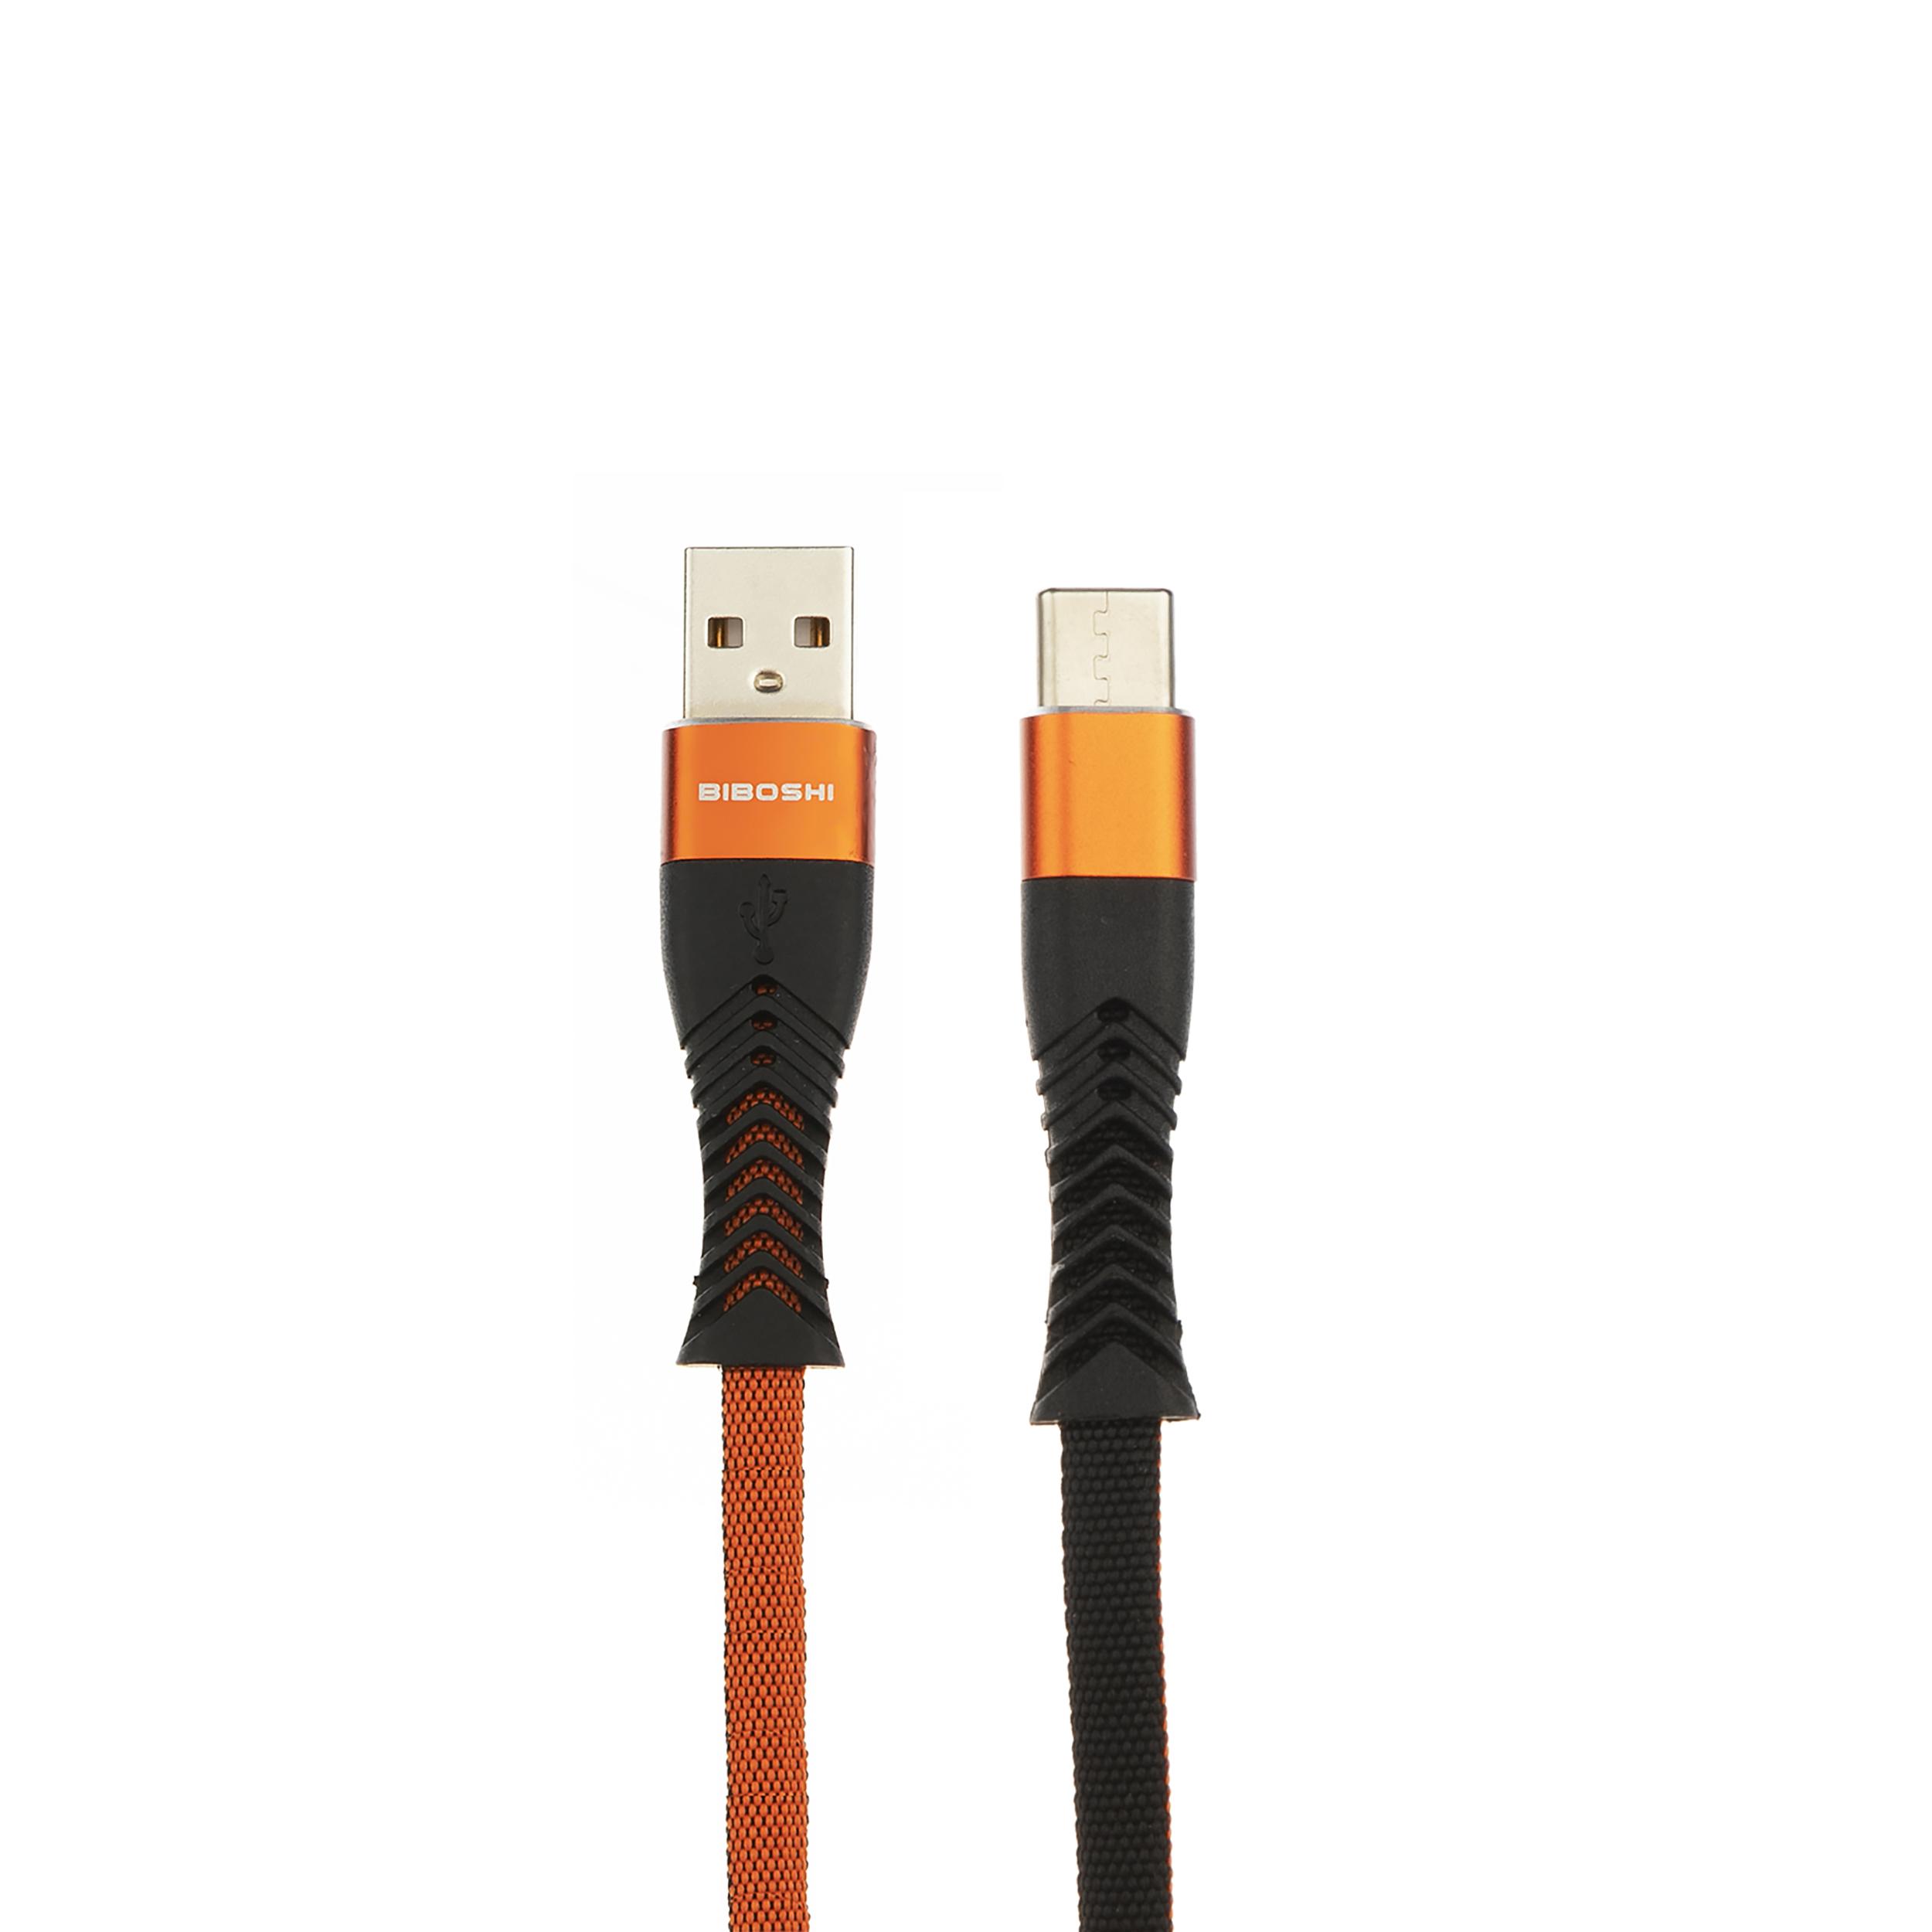 کابل تبدیل USB به USB-C بیبوشی مدل A18 طول 1 متر